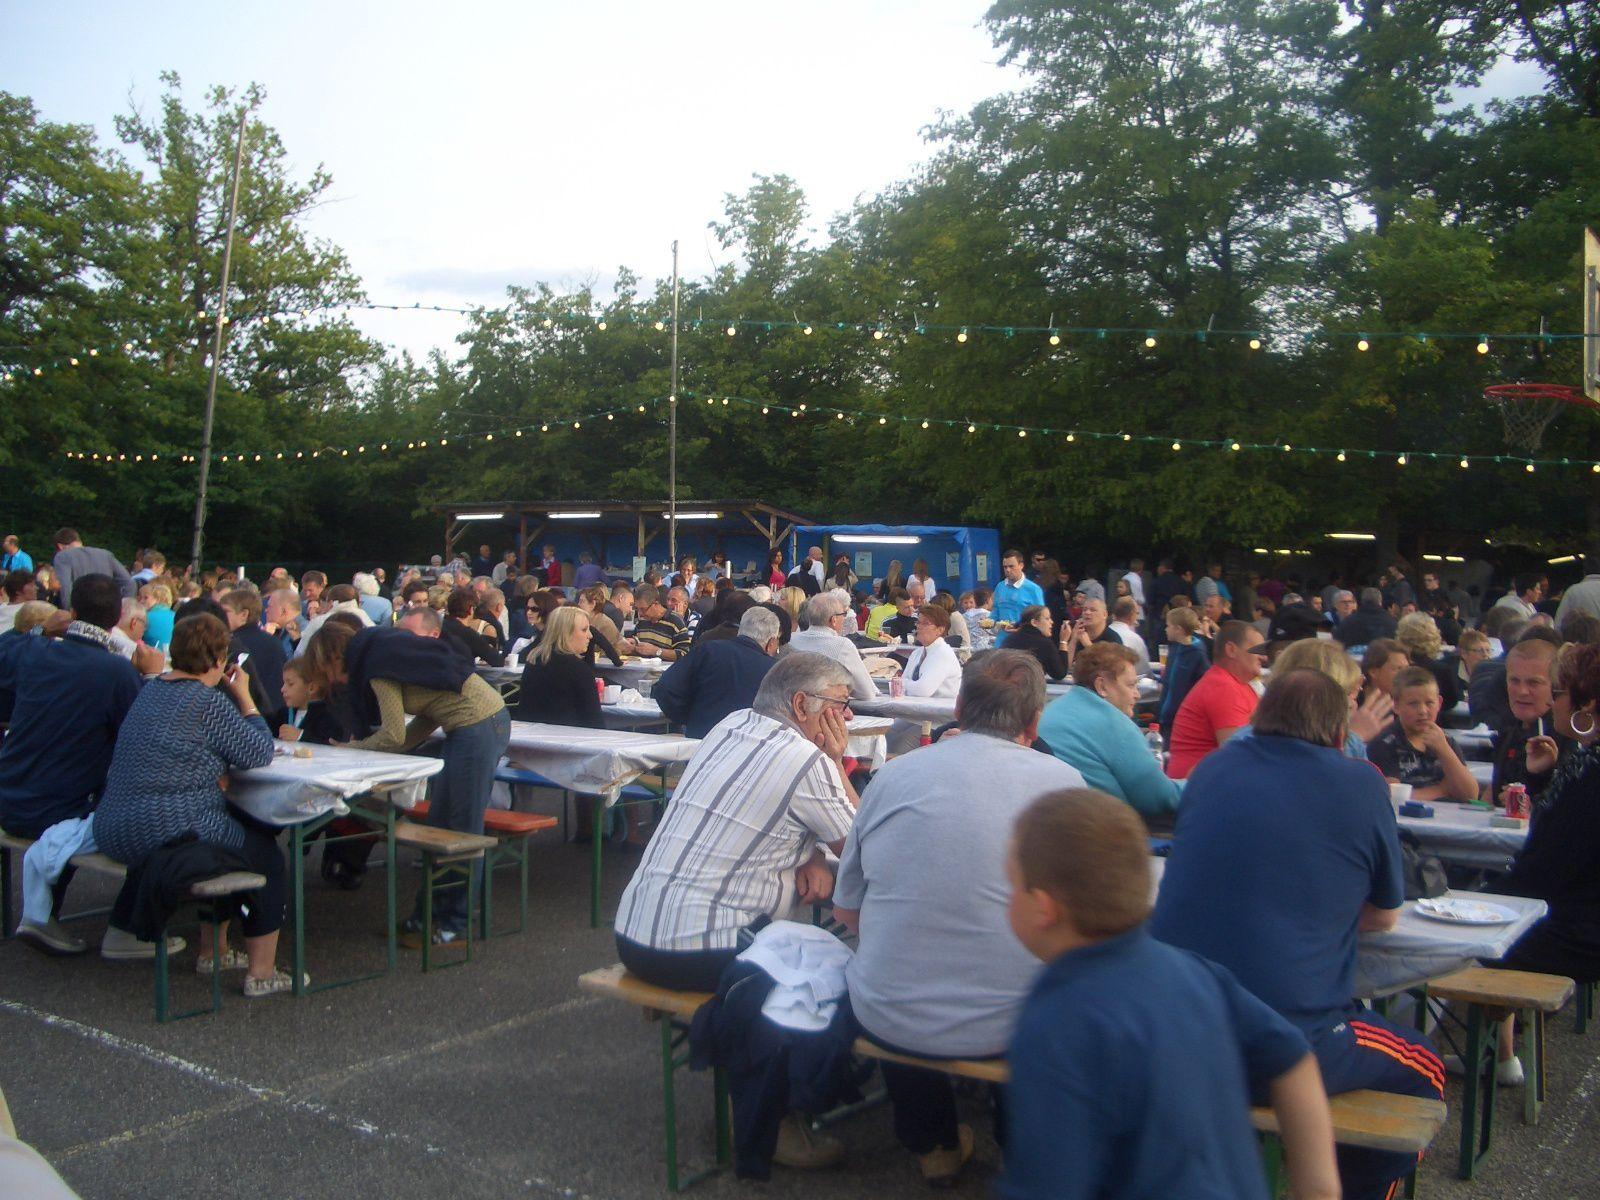 40 ème anniversaire de l'association foyer club Amélie 2  de Wittelsheim, le 30 juin 2013